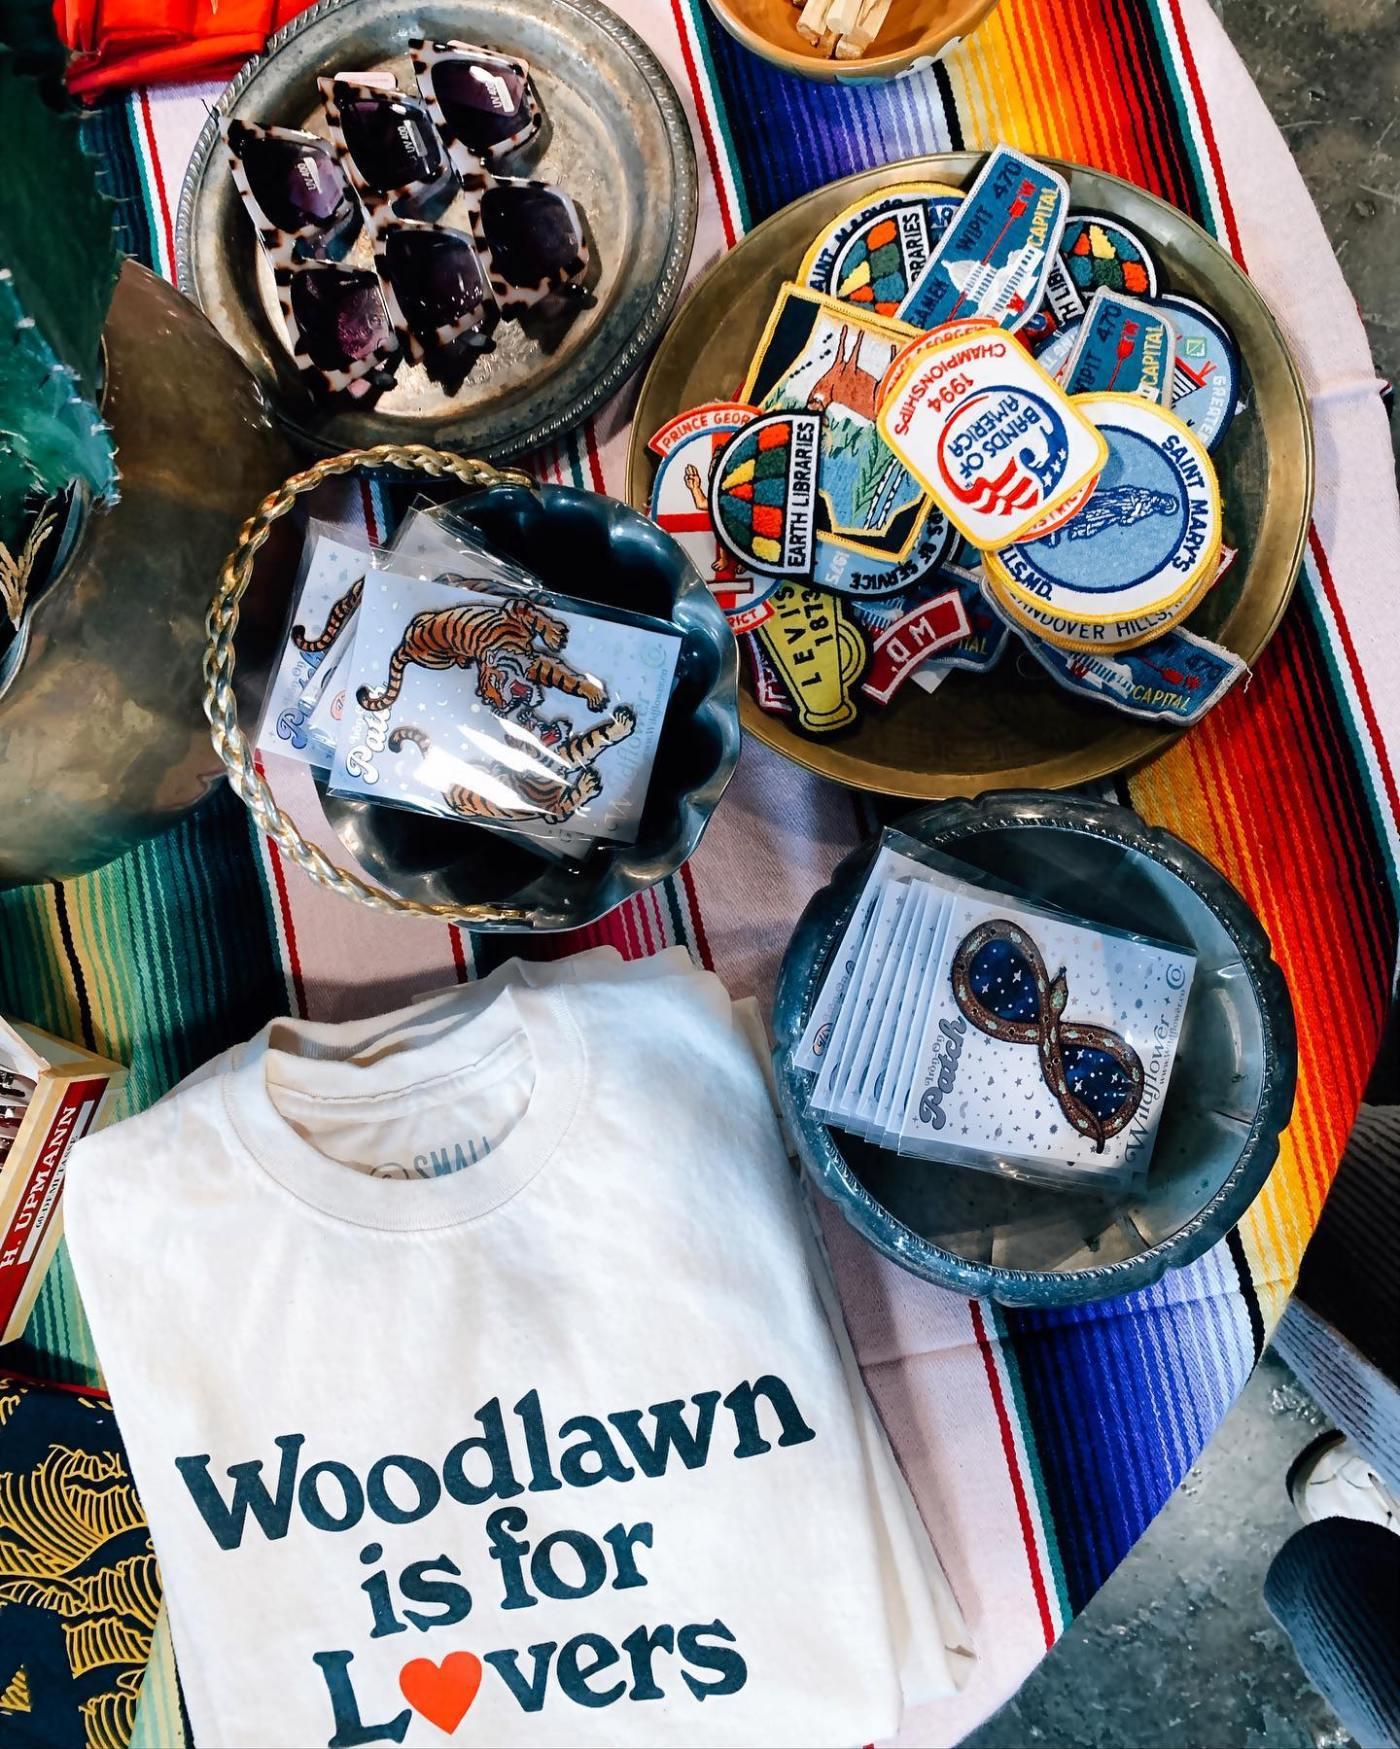 Club Duquette Woodlawn